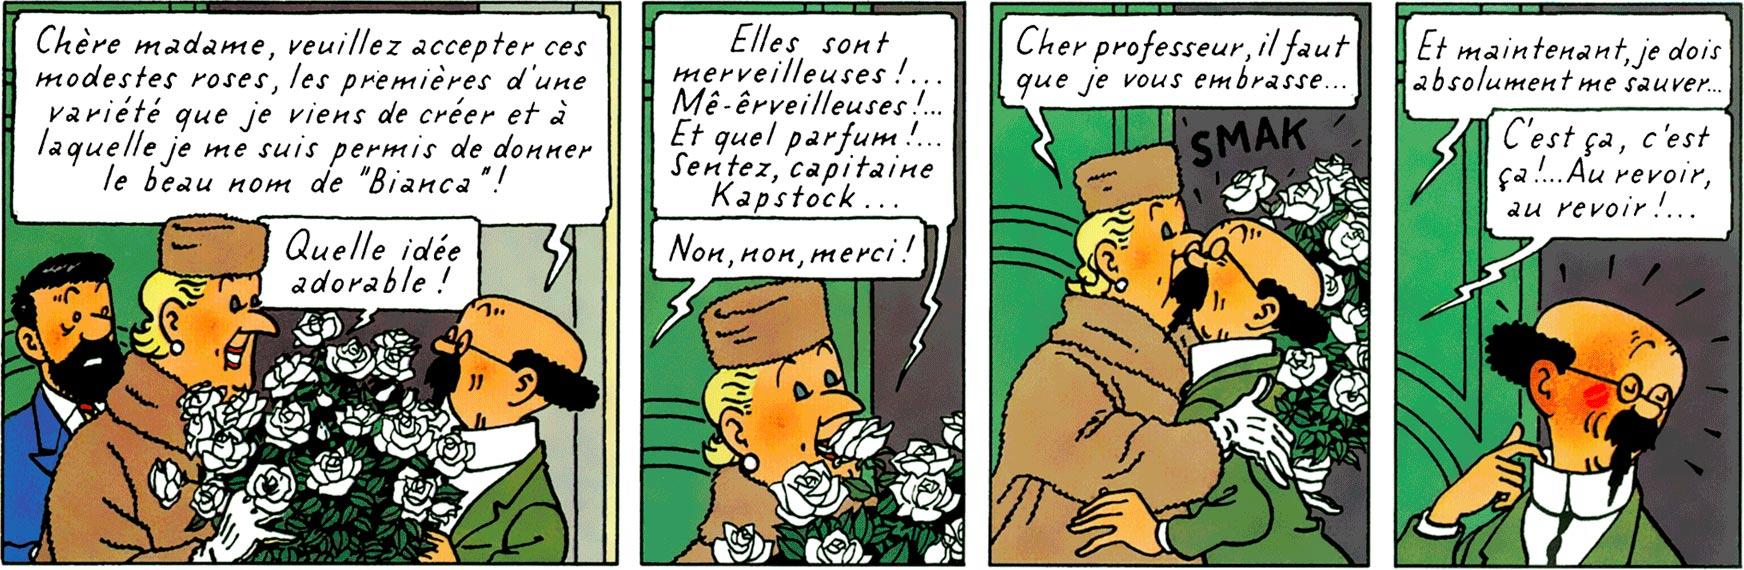 Castafiore et Tournesol dans Les Bijoux de la Castafiore